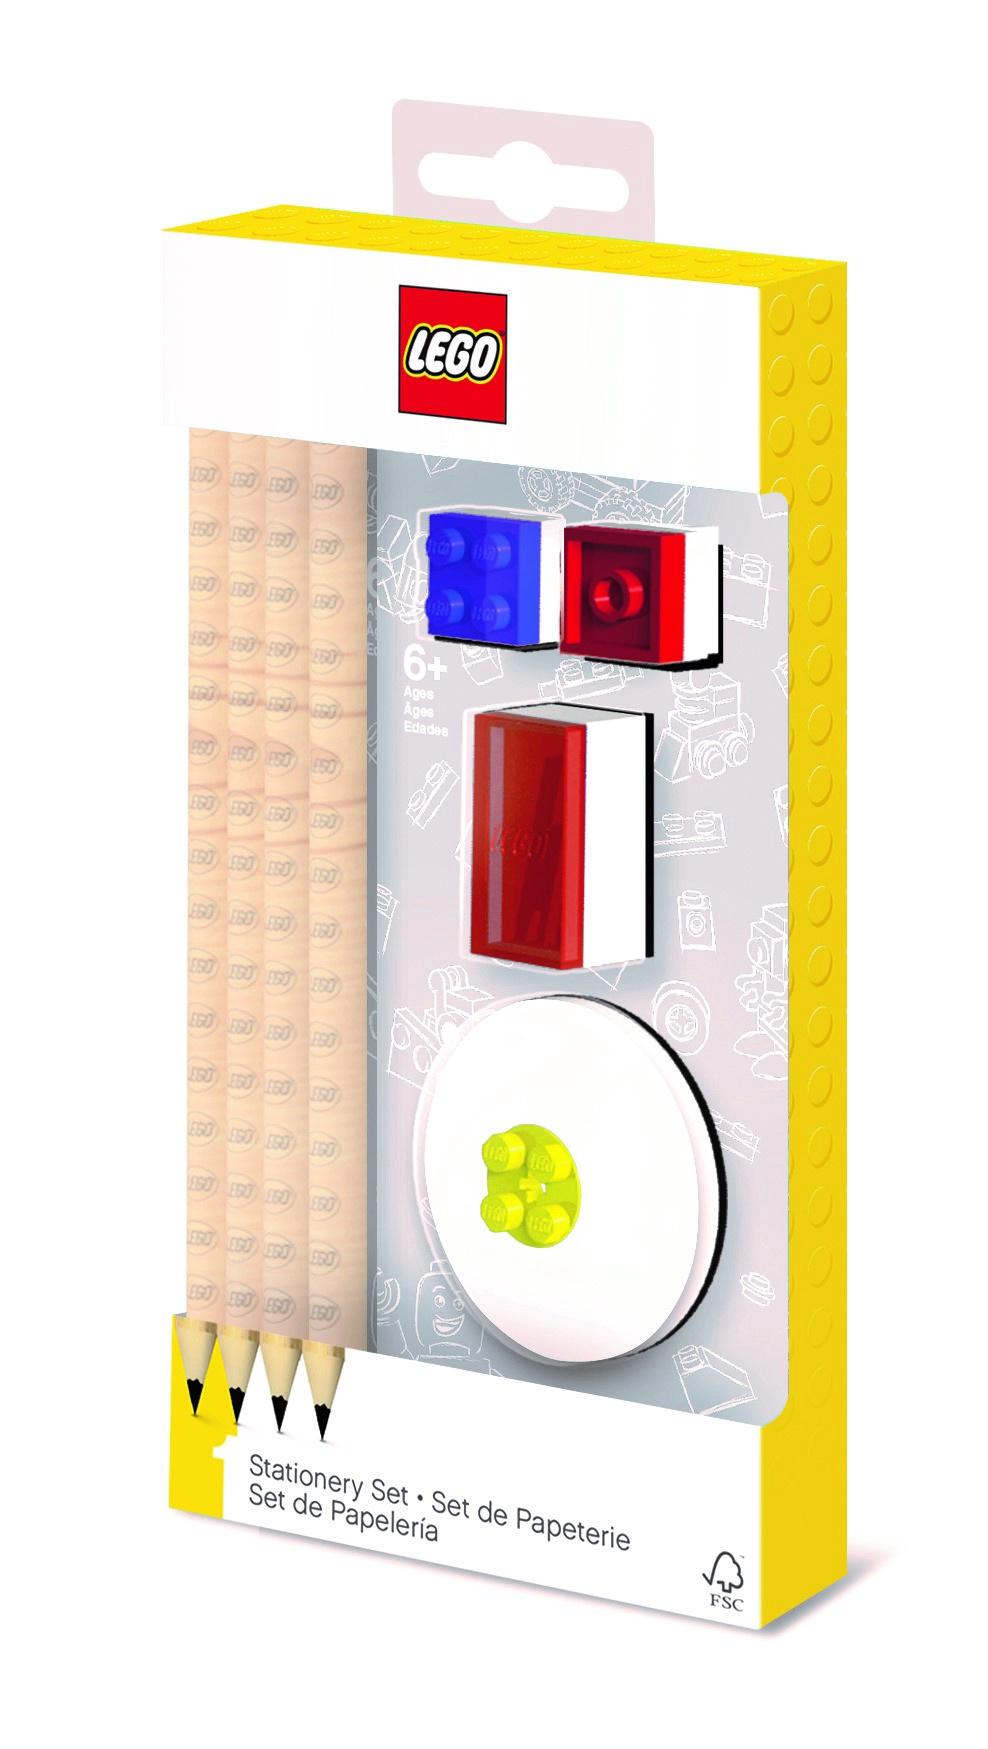 Набор канцелярский: 4 карандаша, 2 насадки, 1 точилка, 1 ластик. LEGO набор канцелярии depesche 2 простых карандаша ластик линейка 15 см двойная точилка в чехле 10009867